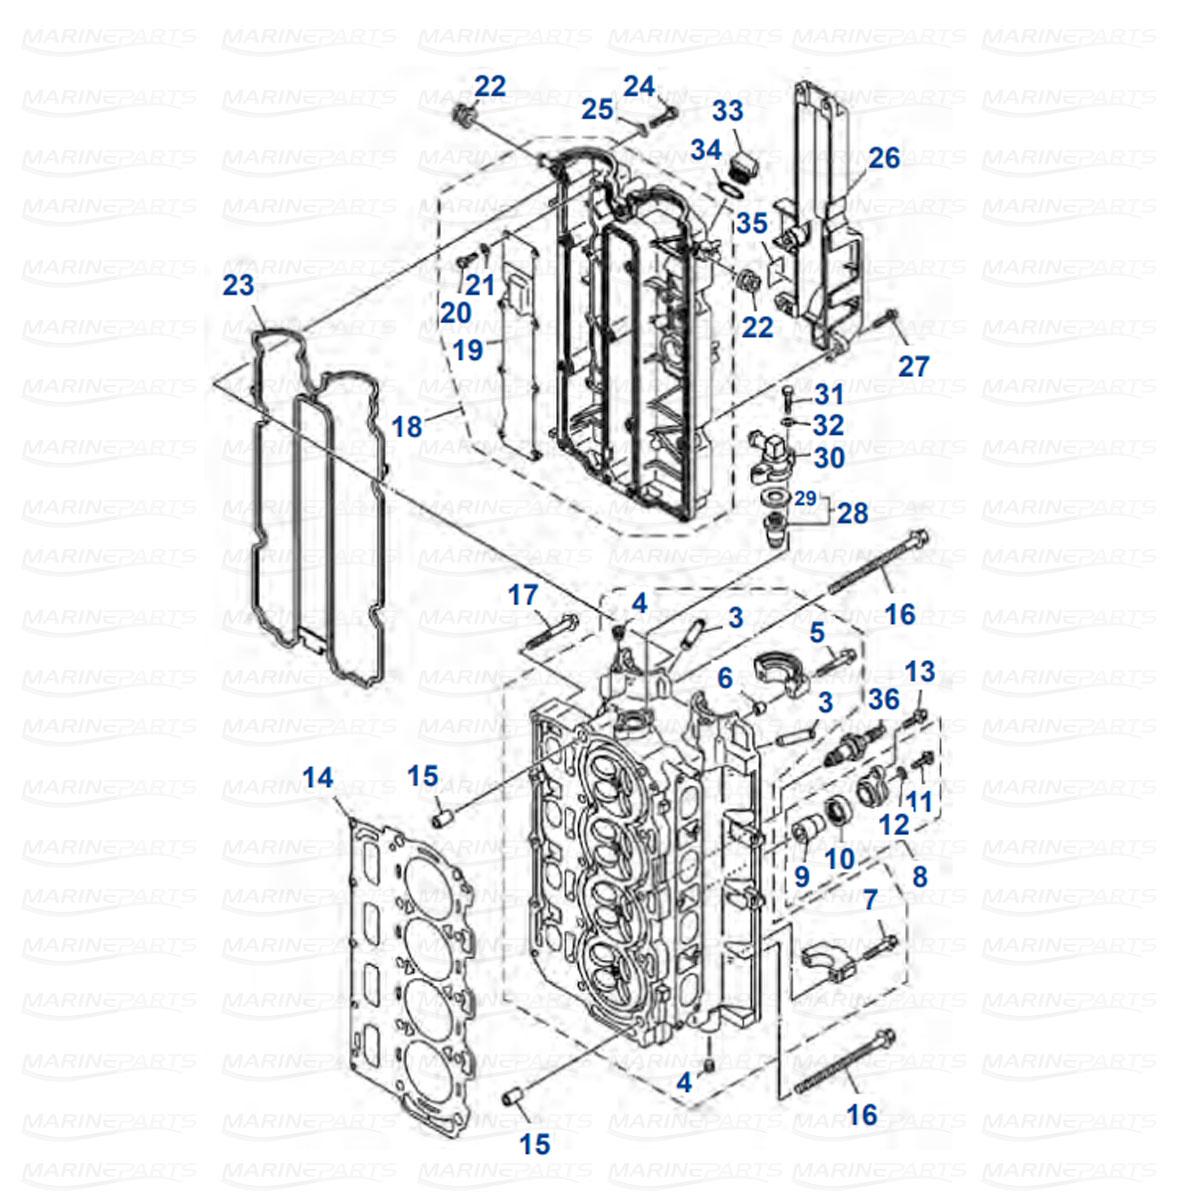 Sylinterikannen osia Yamaha F100 DET/BET - F80 CED/BET (2007+) - F115 AET/TJR/A